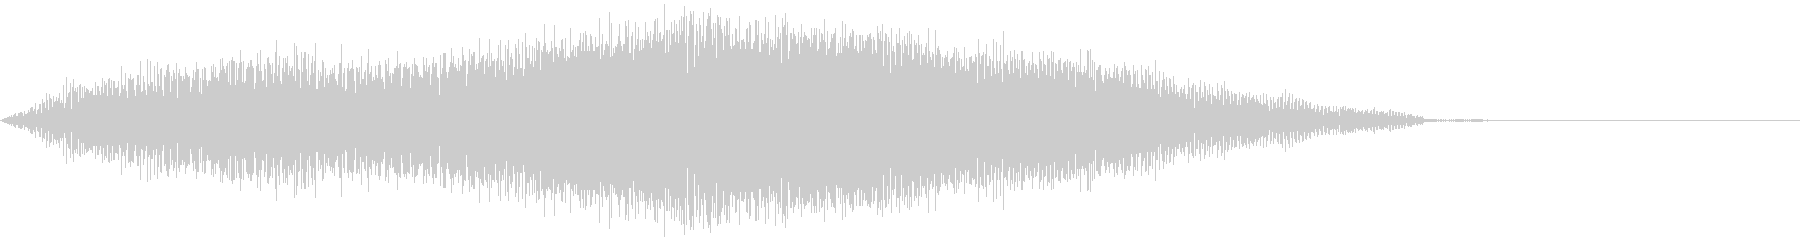 ミステリアスな音 不安 不気味 ブーンの未再生の波形